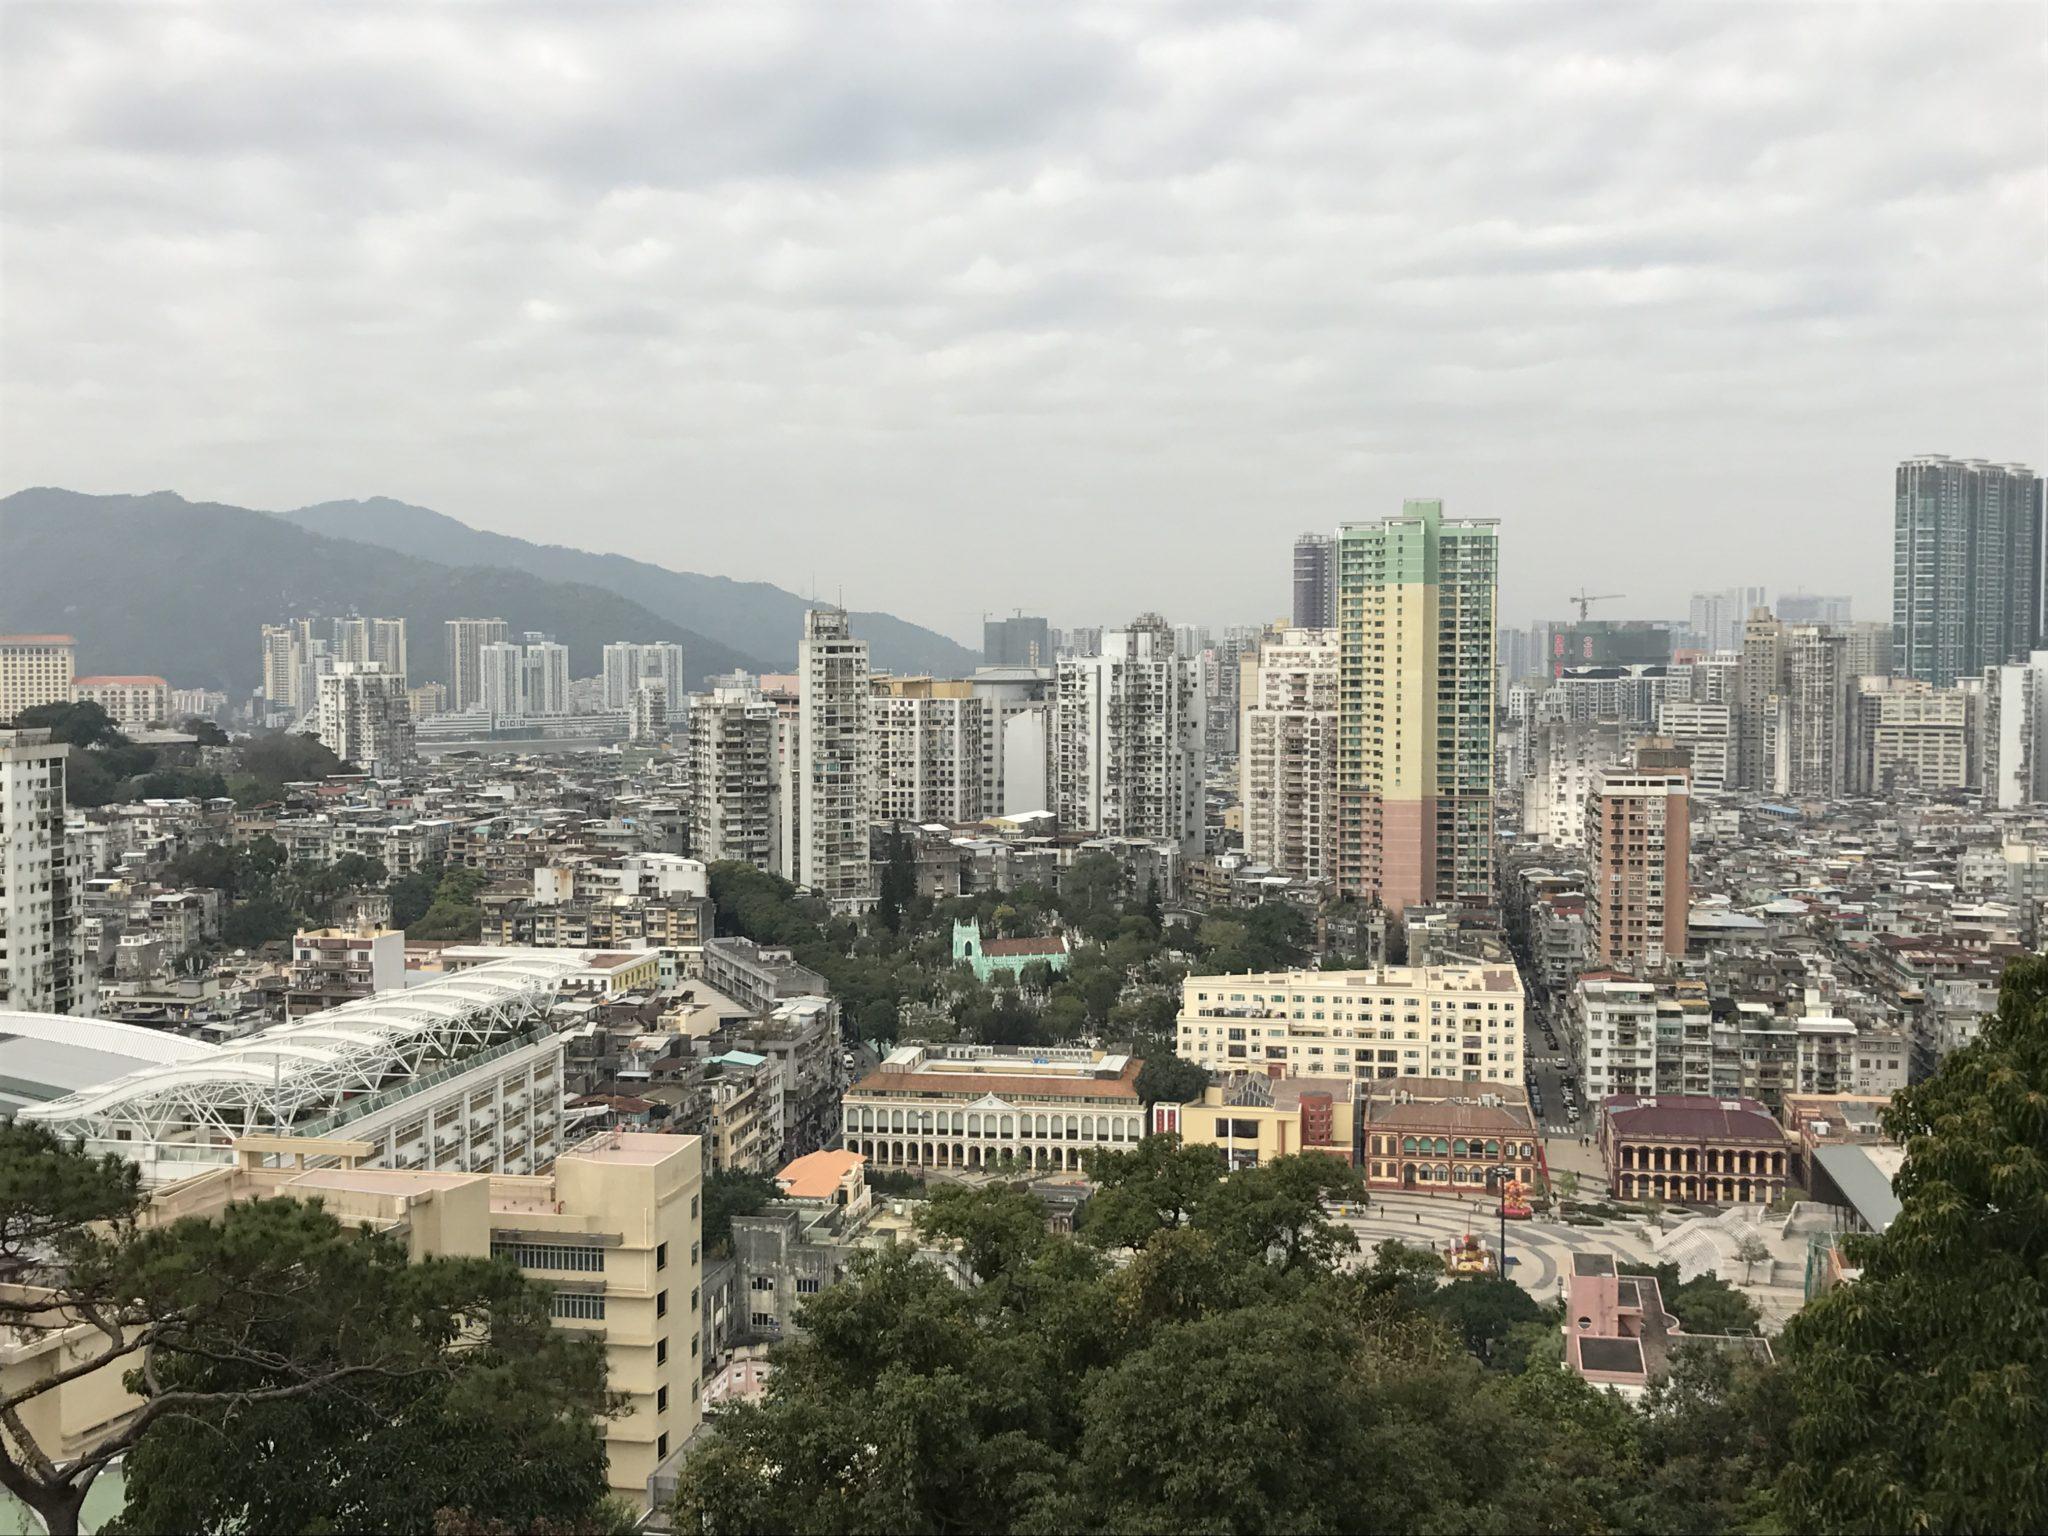 Relatório | Estados Unidos criticam Macau. Governo da RAEM bate o pé